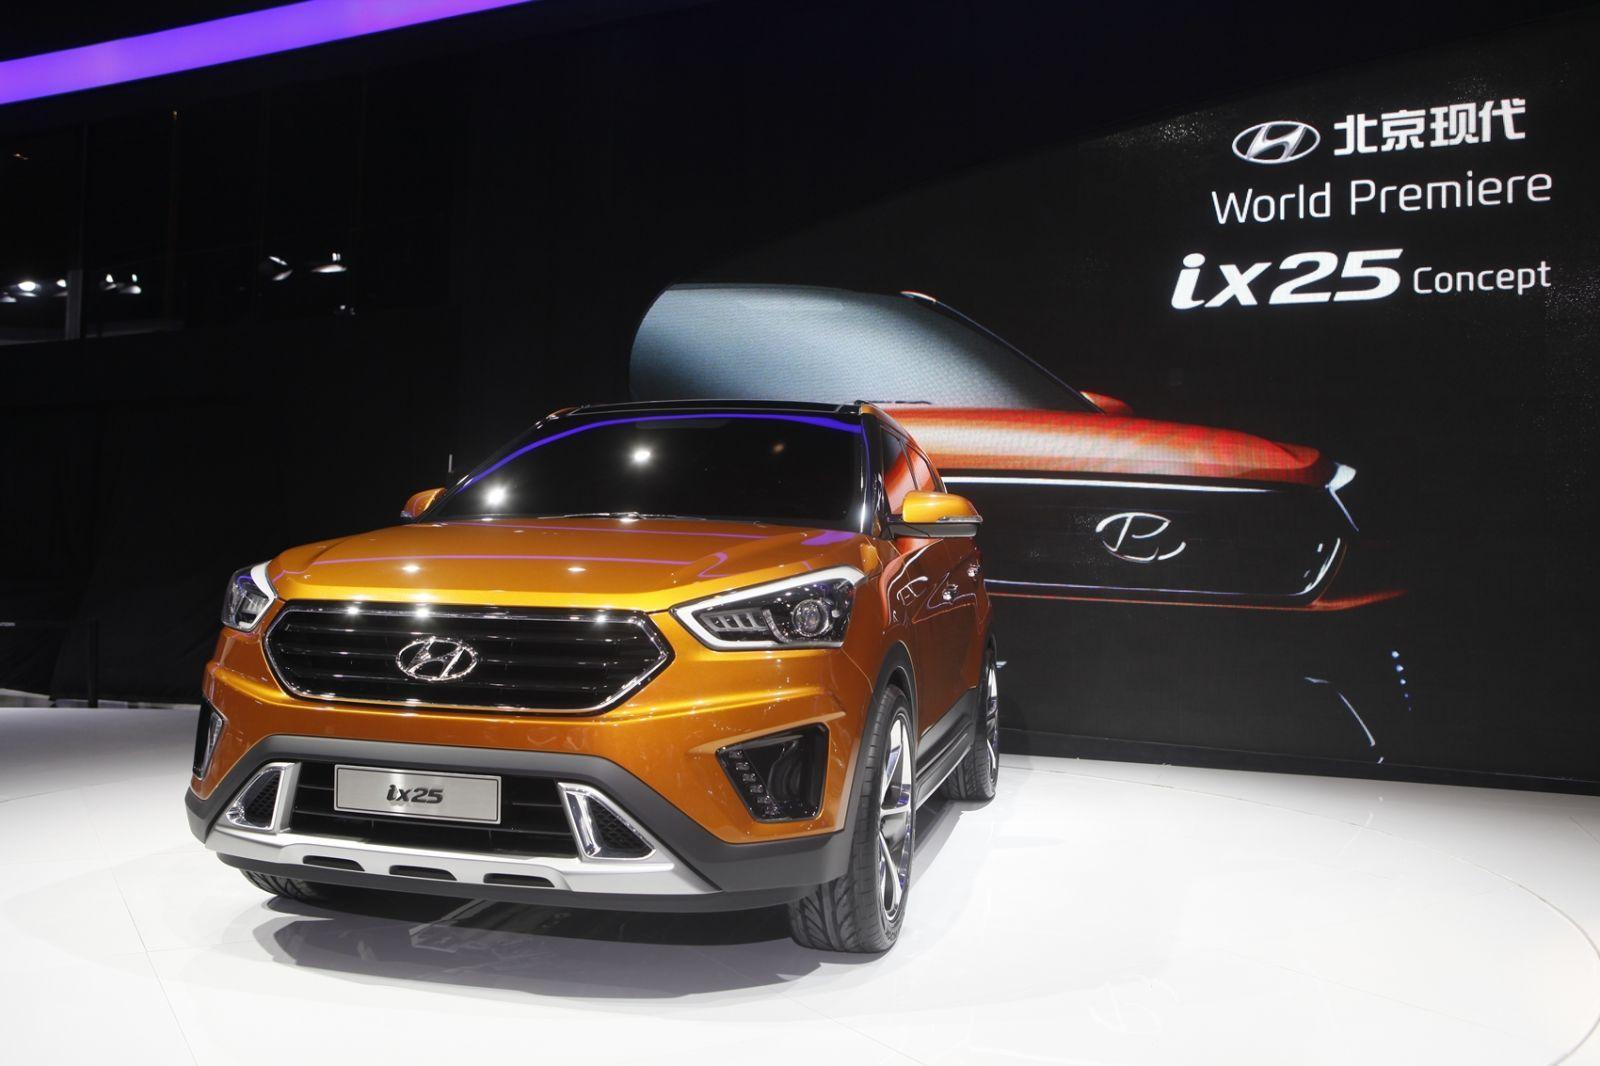 Hyundai Ix25 Concept Showcased Compact Suv Hyundai Suv